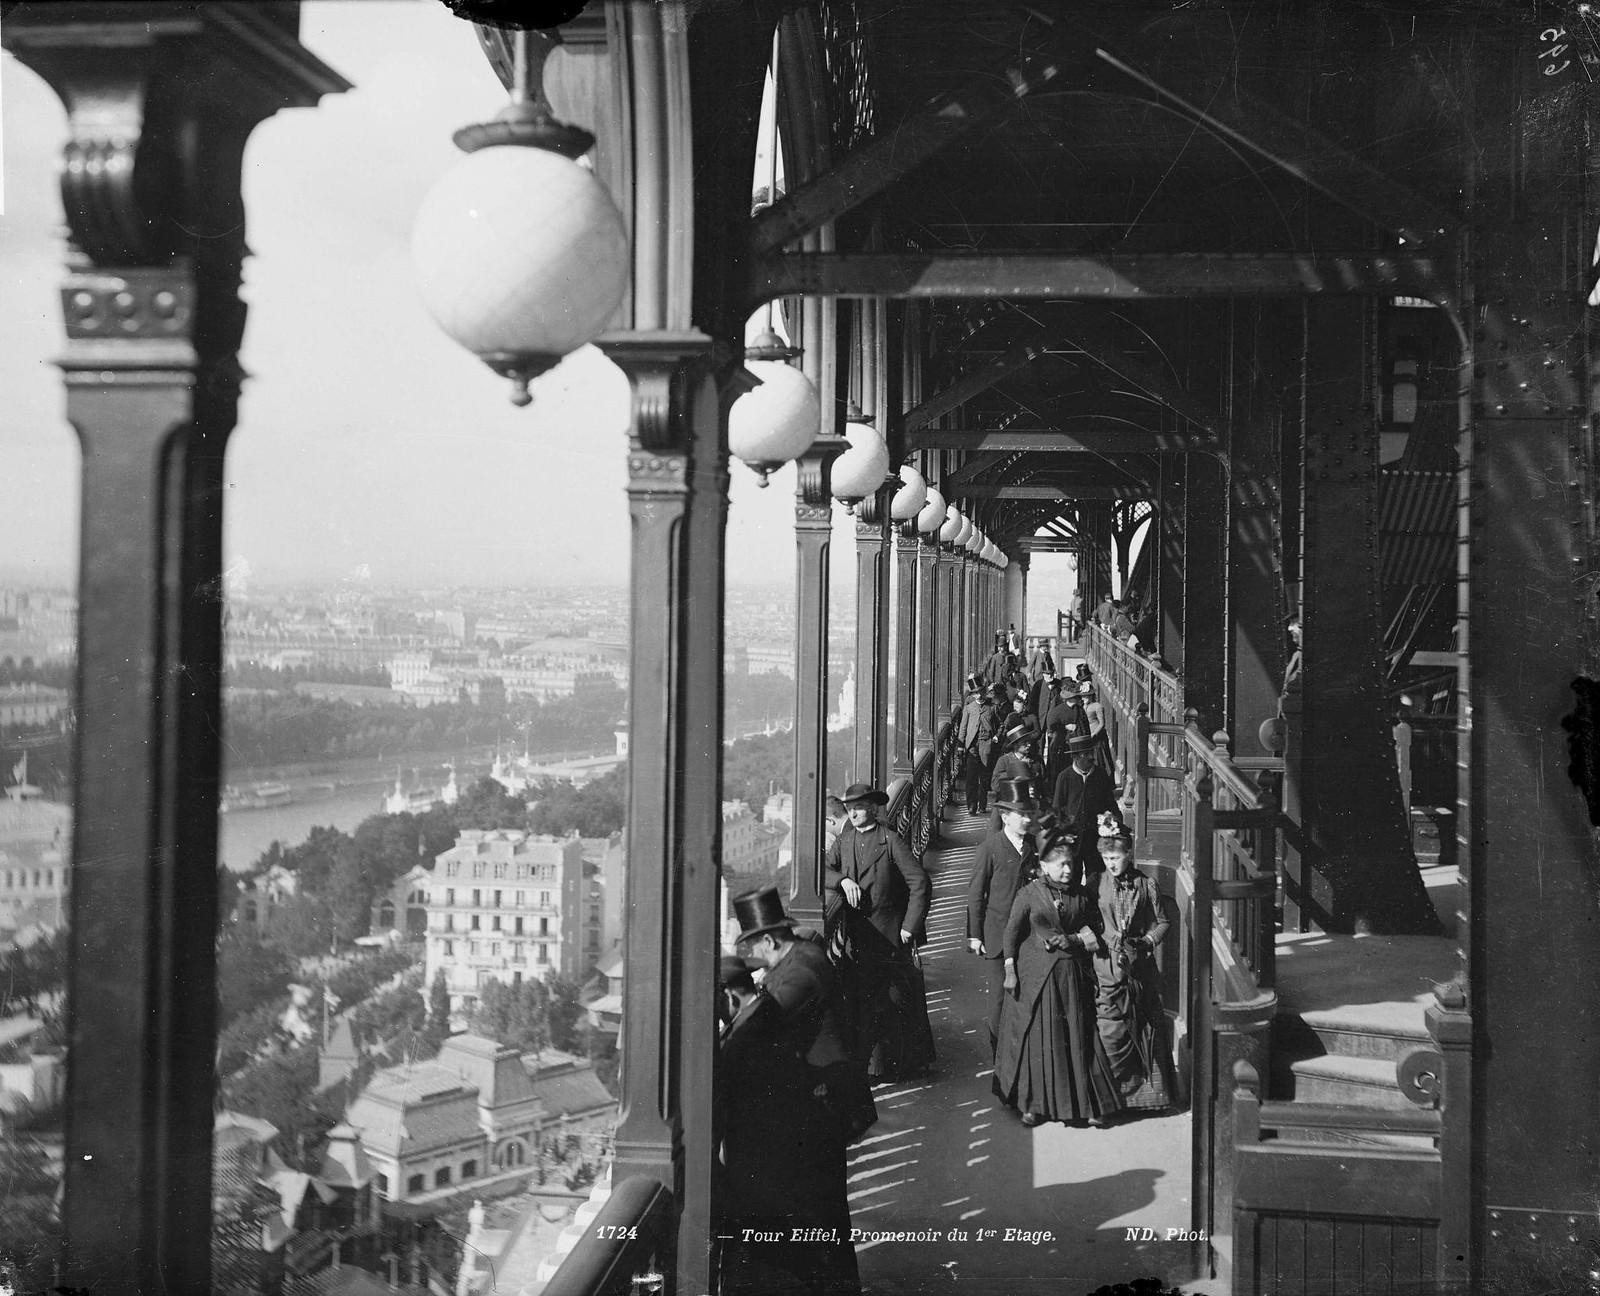 1900. Прогулочная галерея первого этажа Эйфелевой башни